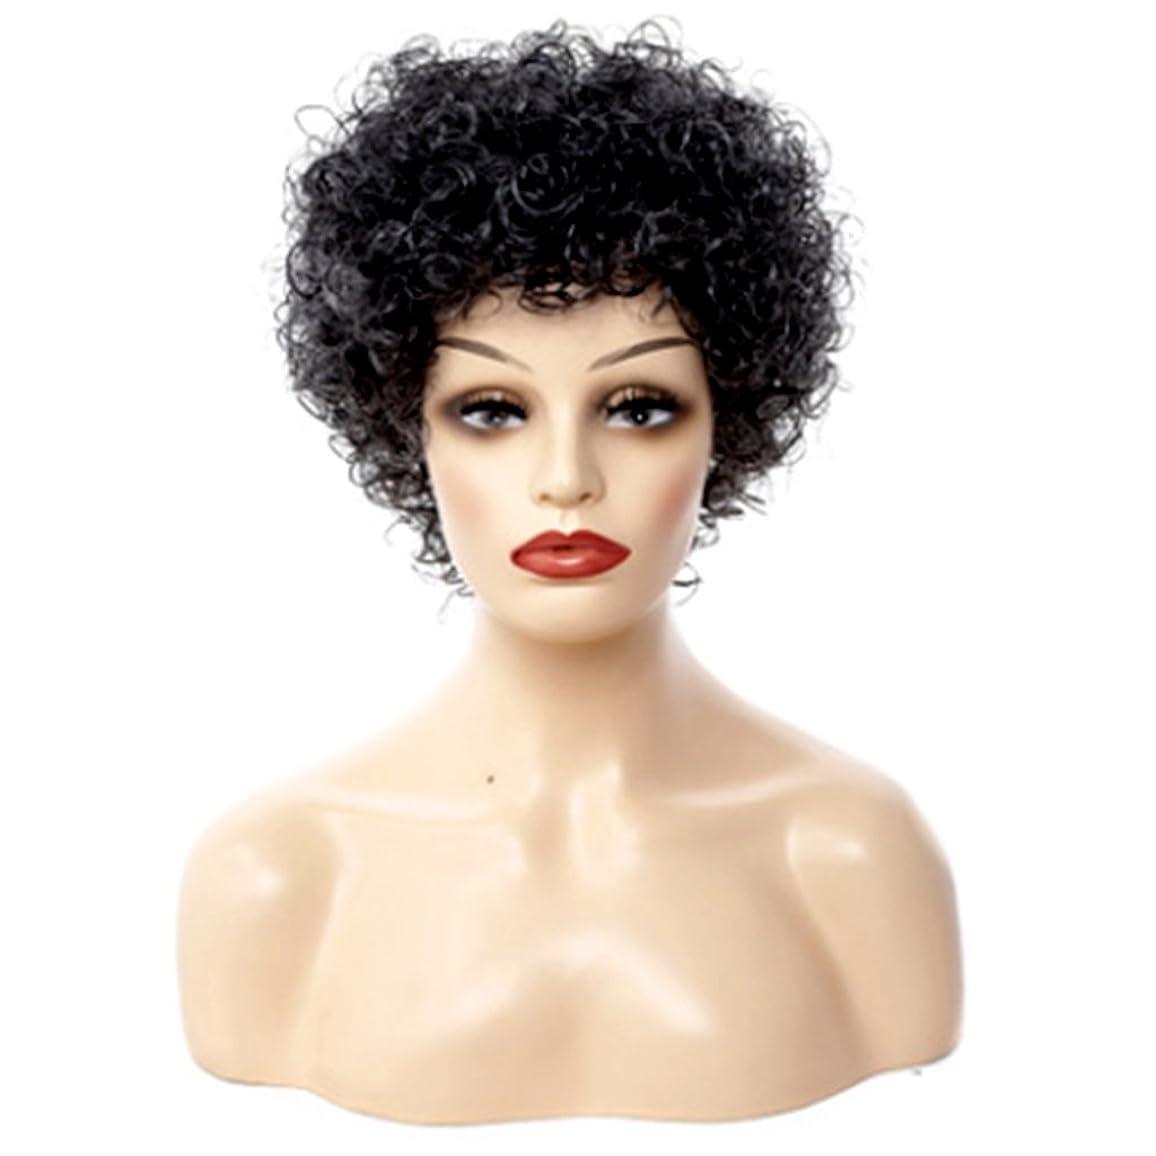 許さない慎重に放課後JIANFU 小さな髪の短いバースト、快適な$調整可能な色のかつらに完璧なフィットのためのモノクロハーモニー-30cmナチュラルウィメンズウィッグ (Color : Black and white harmony)